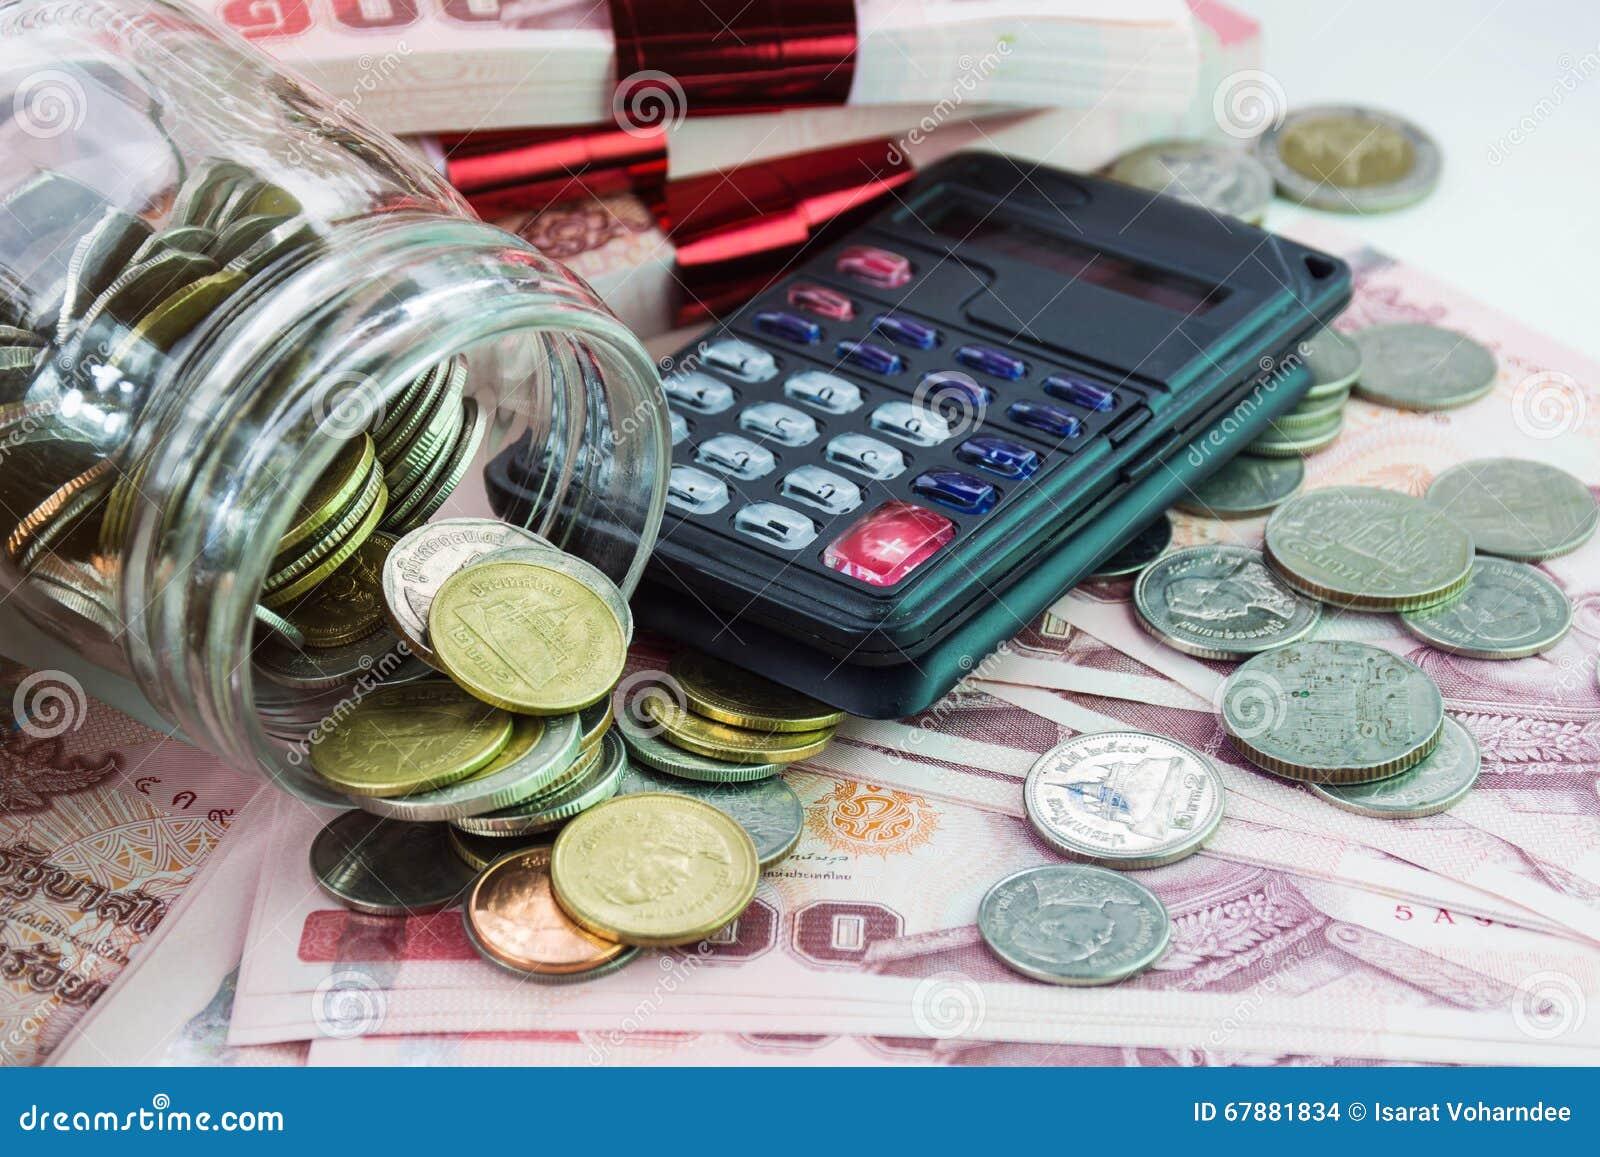 与硬币和计算器的金钱背景